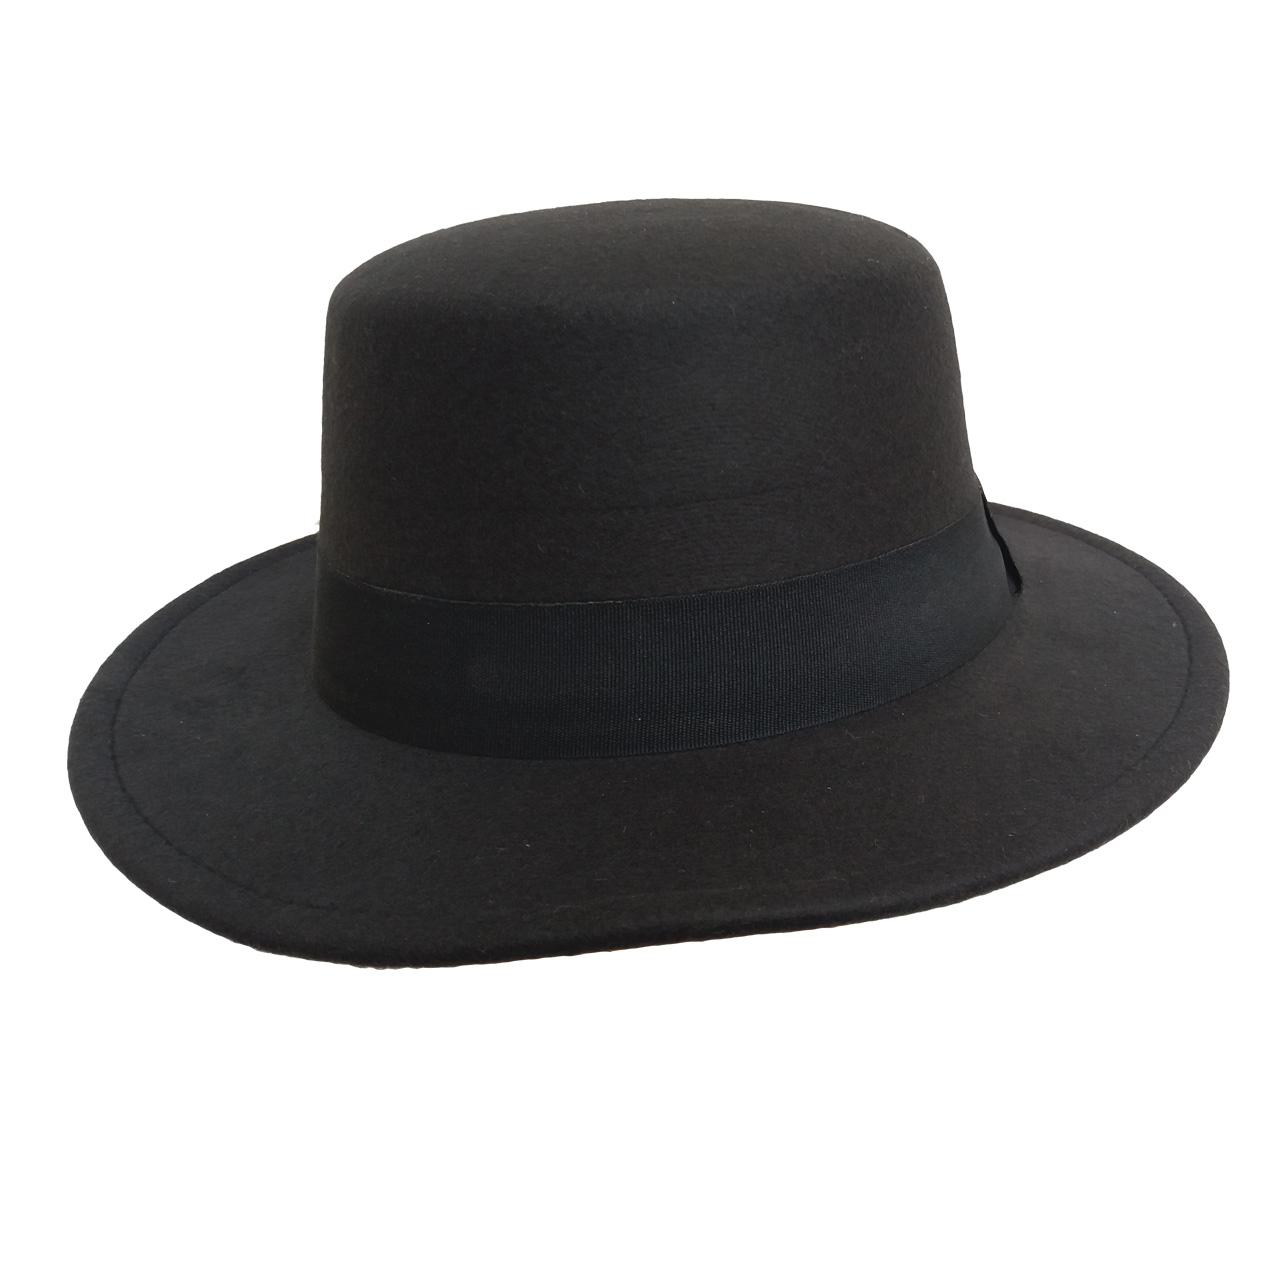 کلاه شاپو مردانه کد 98065